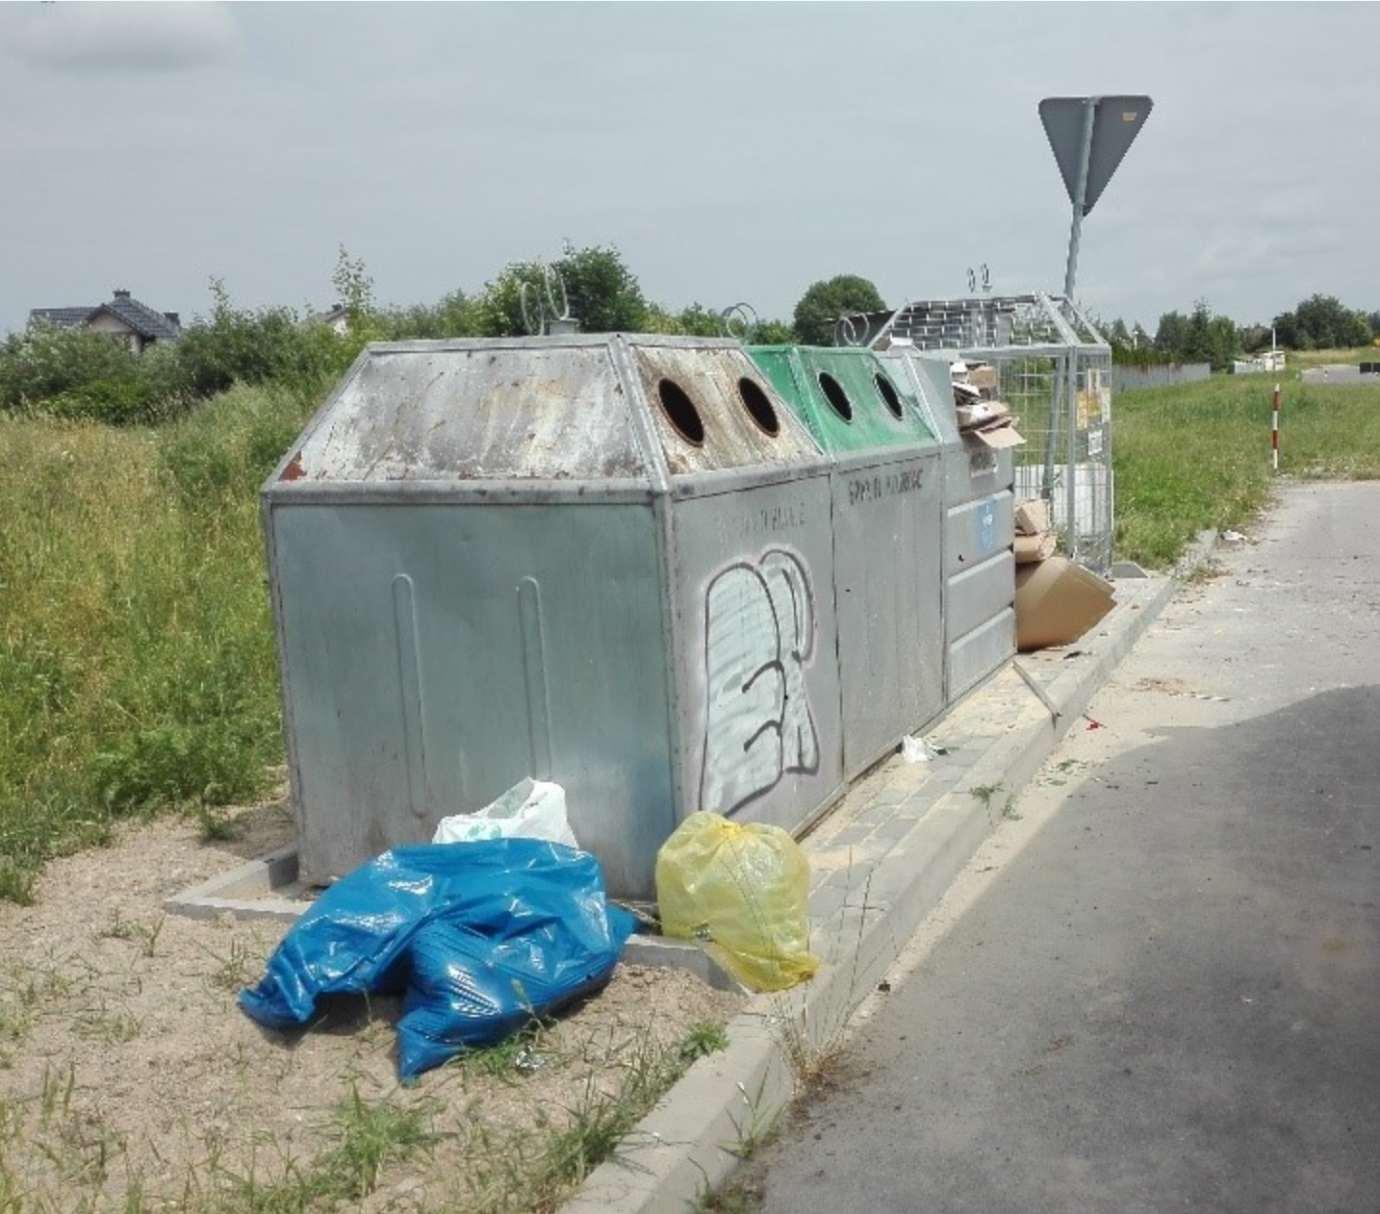 zrzut ekranu 2020 02 5 o 20 41 24 Miasto wycofuje pojemniki do segregacji odpadów komunalnych